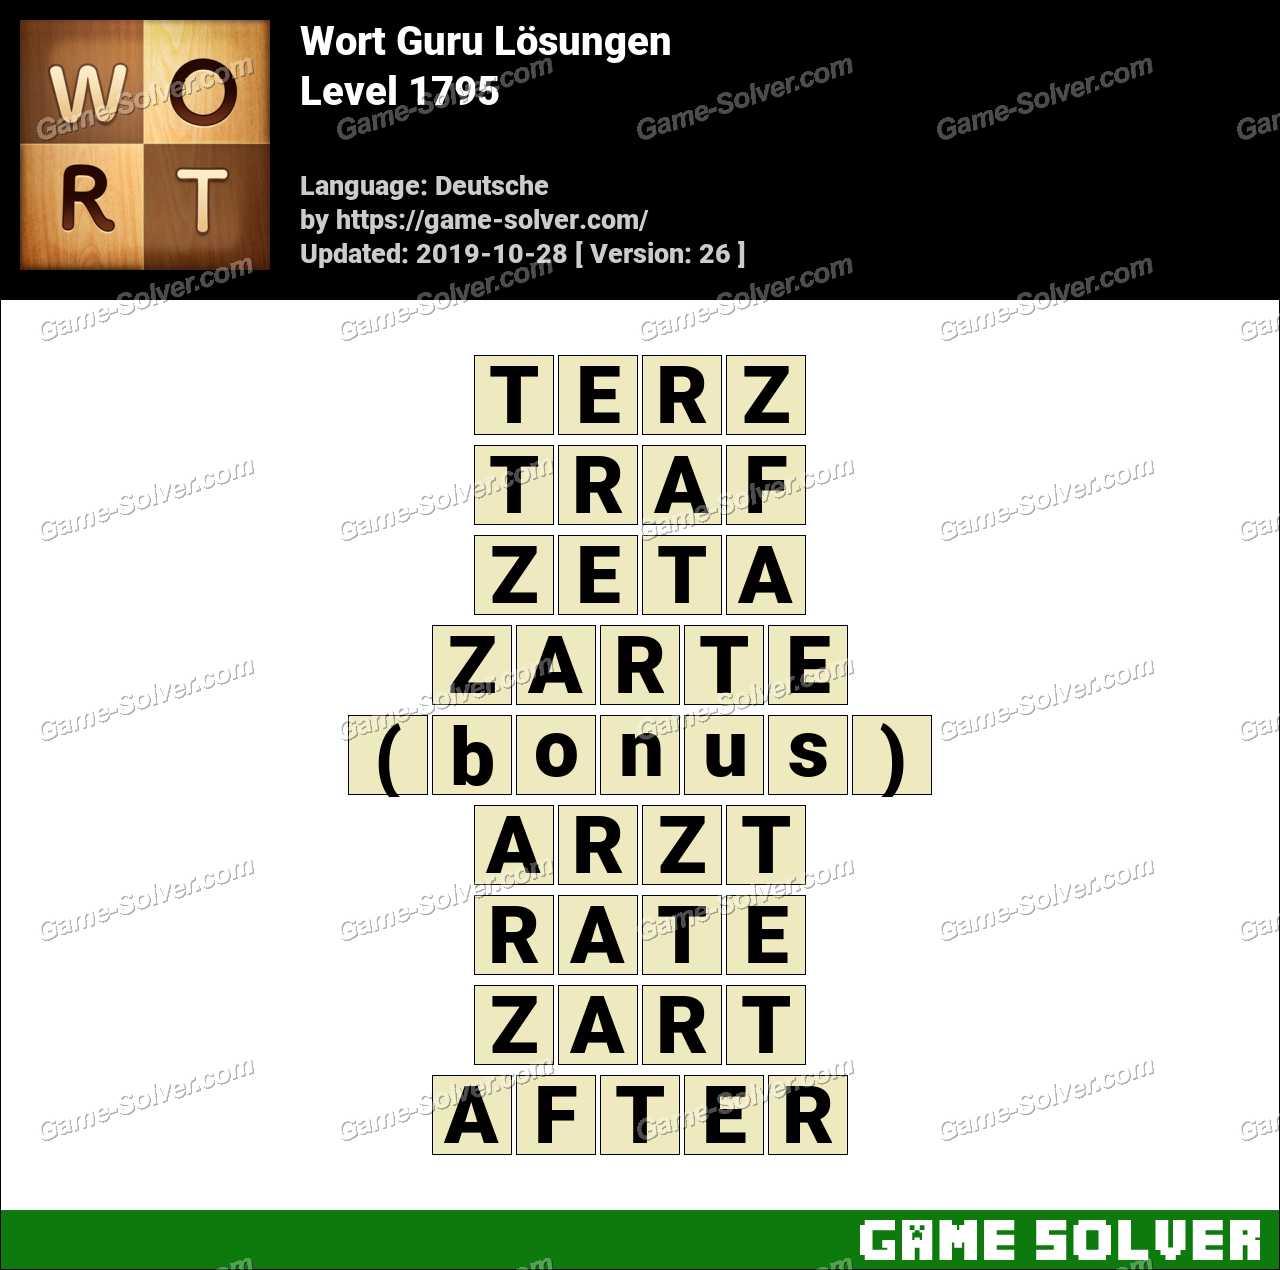 Wort Guru Level 1795 Lösungen